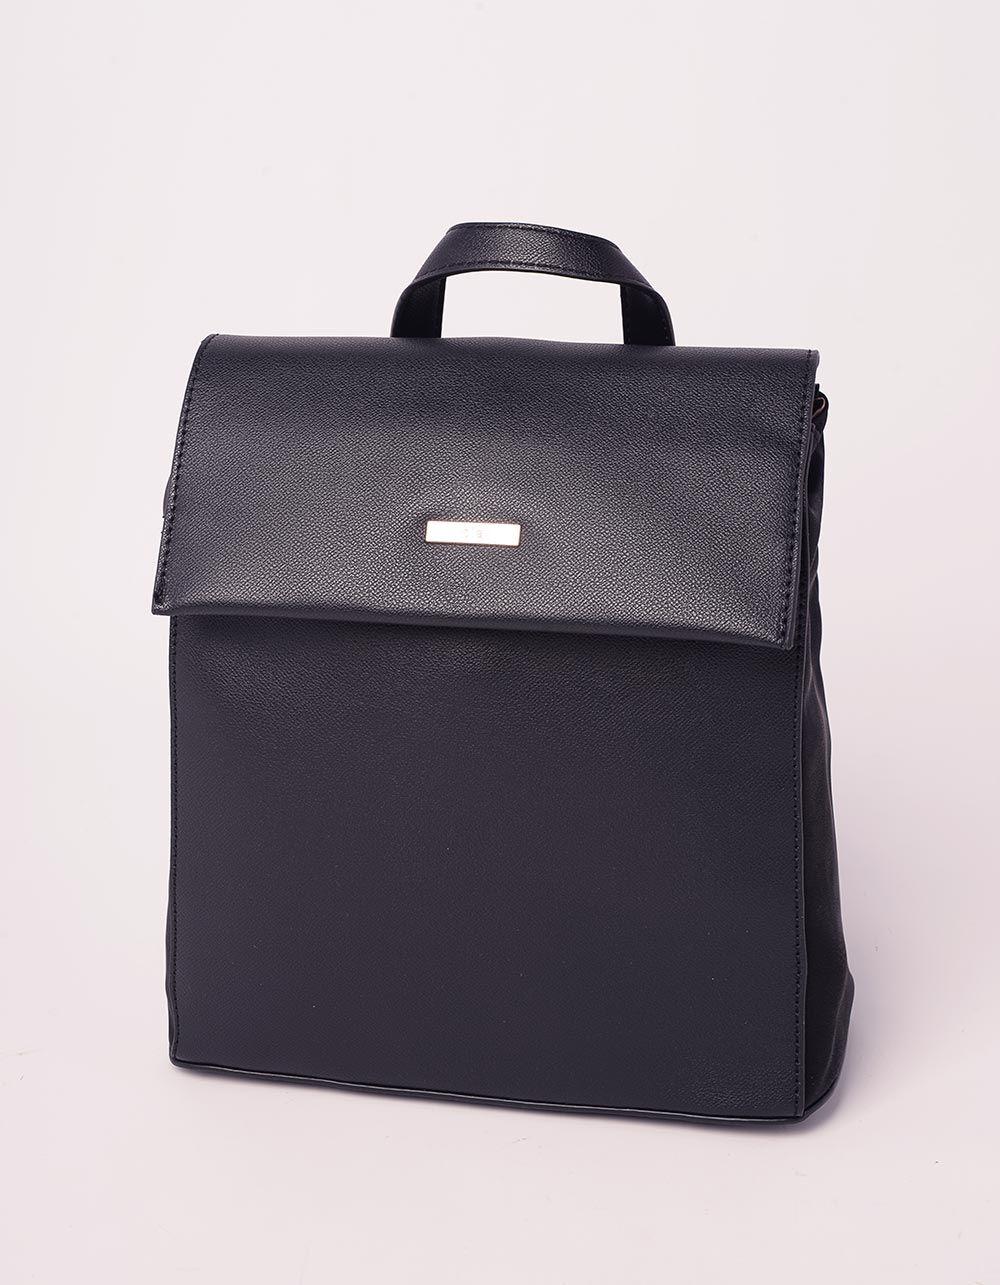 Рюкзак з клапаном на два відділи | 237554-02-XX